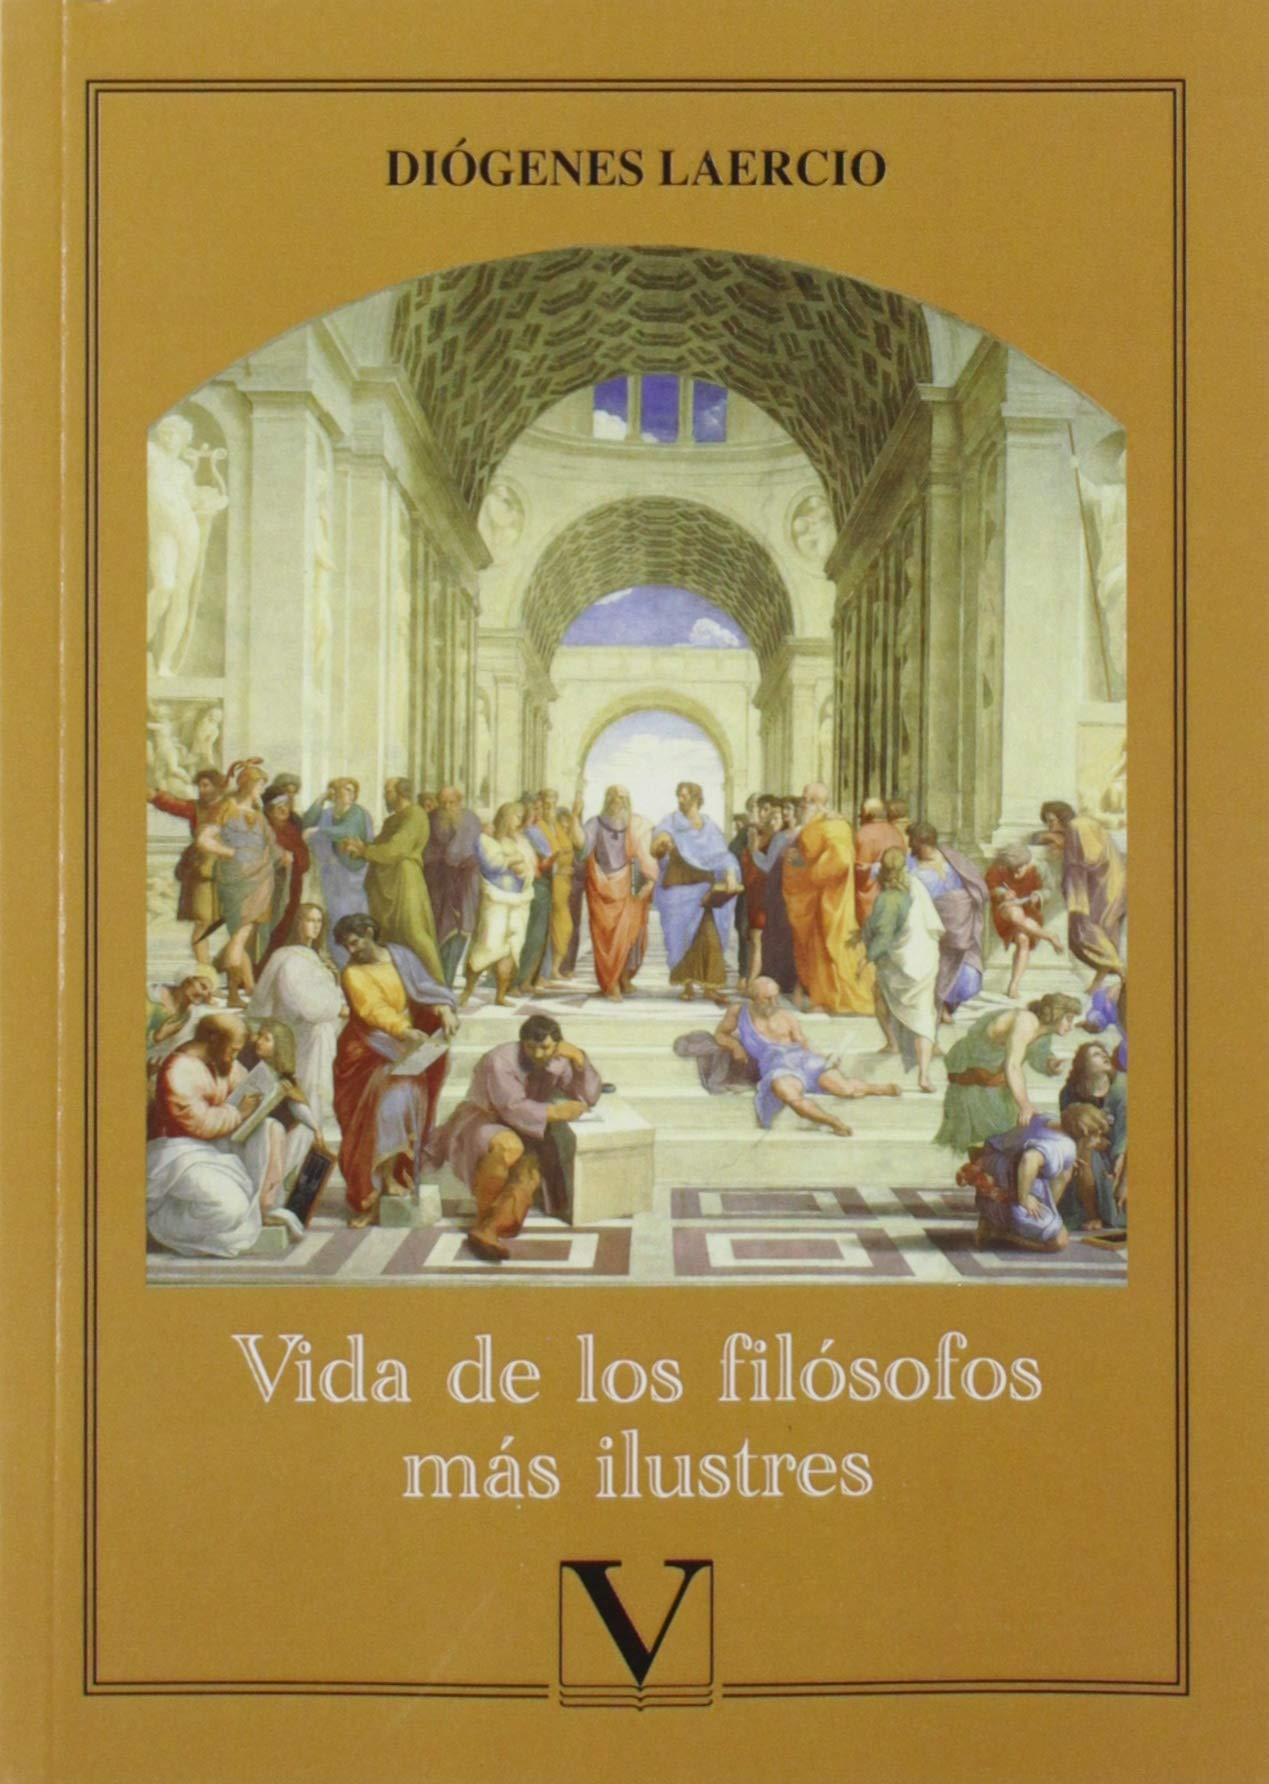 Vidas de los Filósofos más ilustres